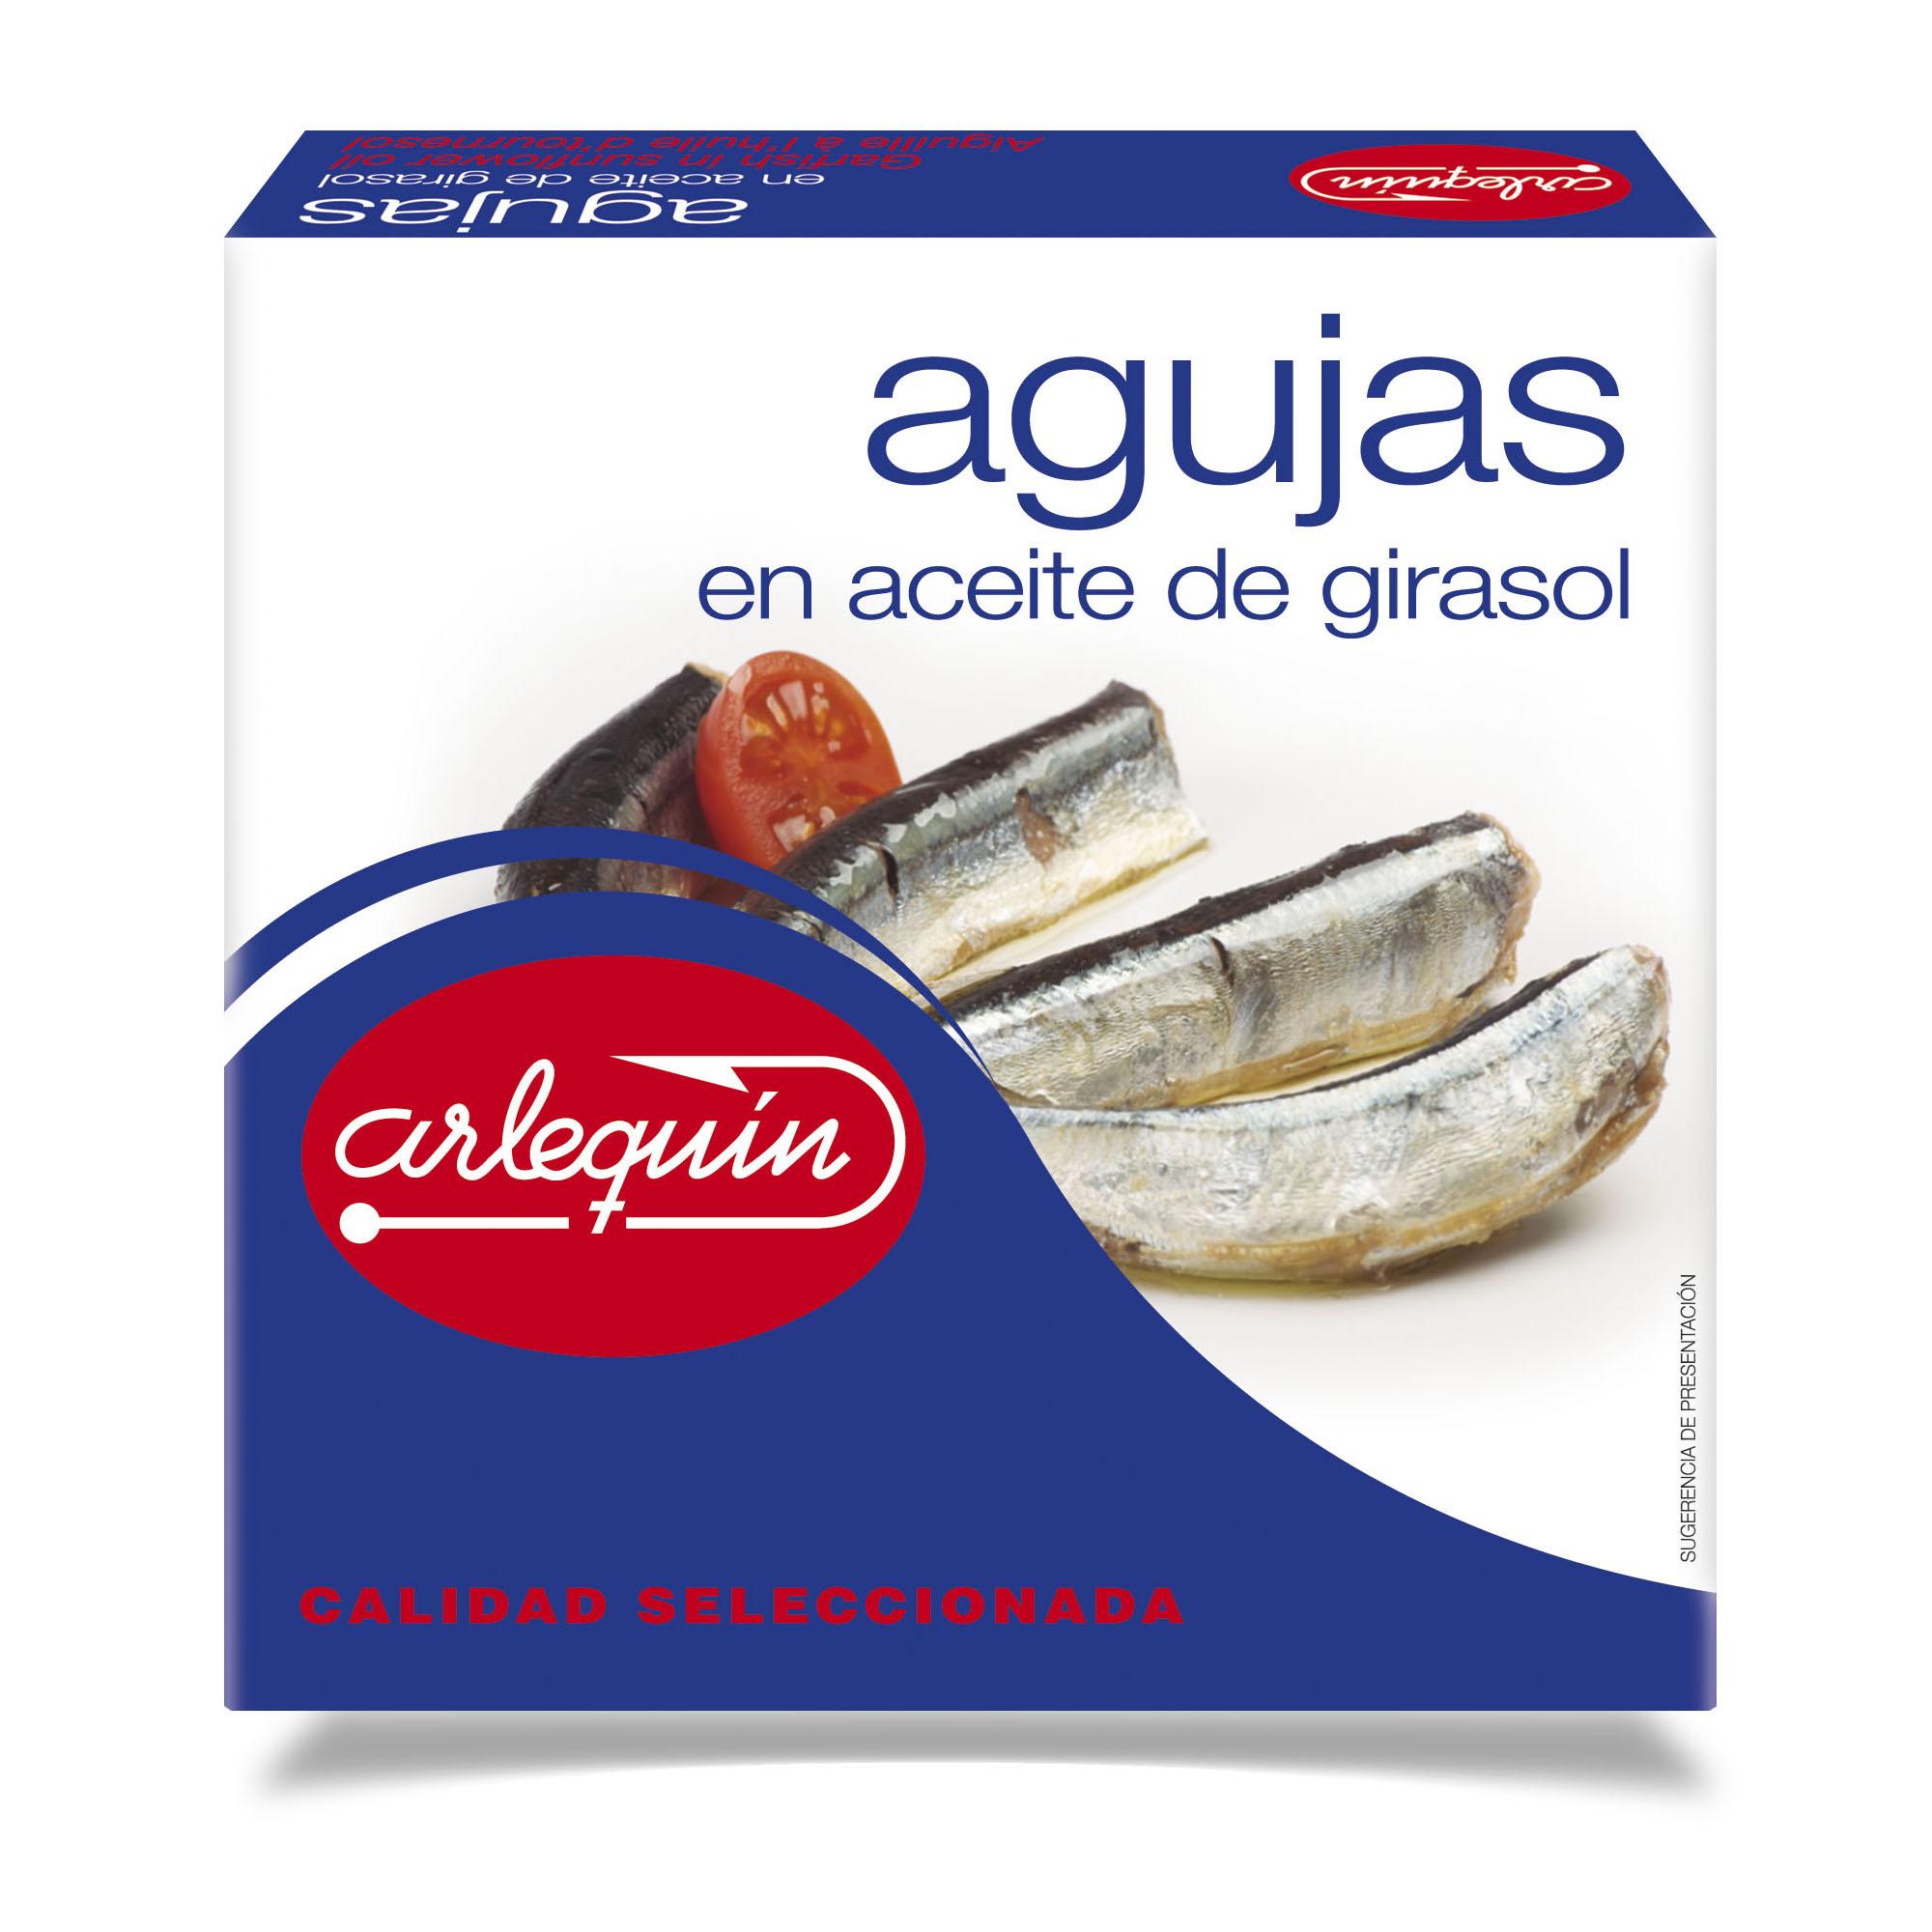 Agujas - Conservas Arlequín